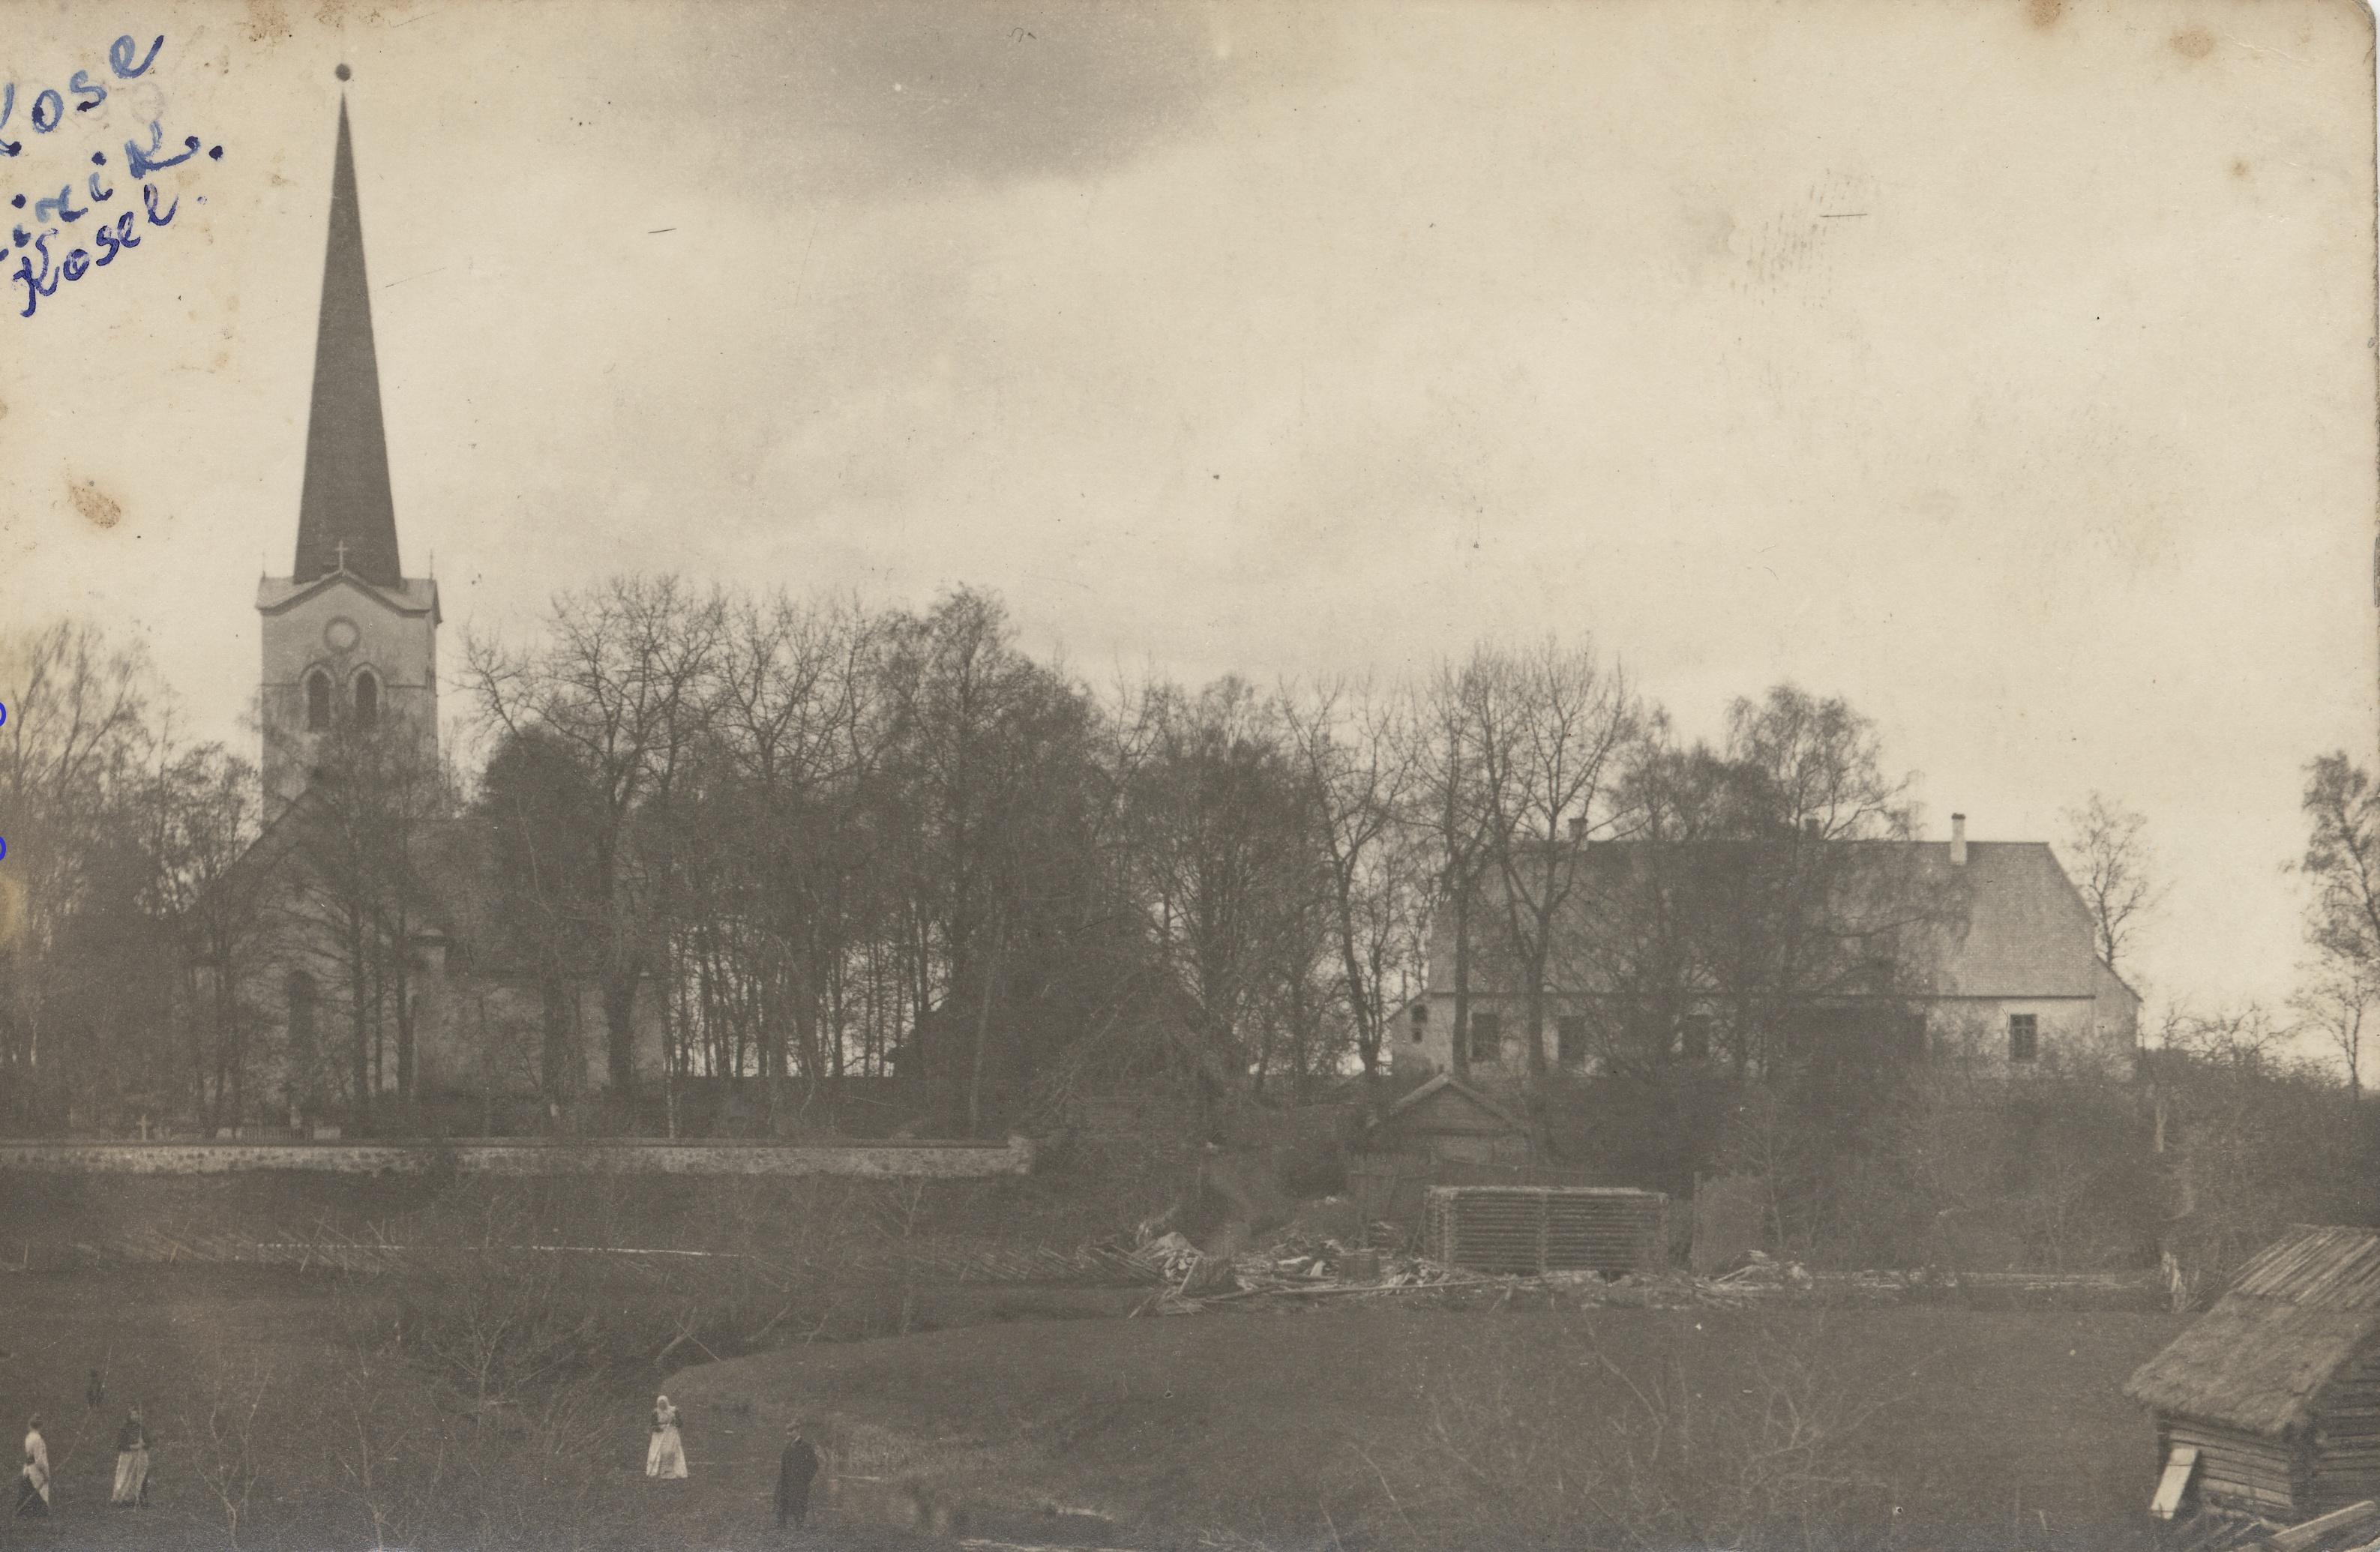 Окрестности Ревеля. Козе. Лютеранская церковь Святого Николая (2)